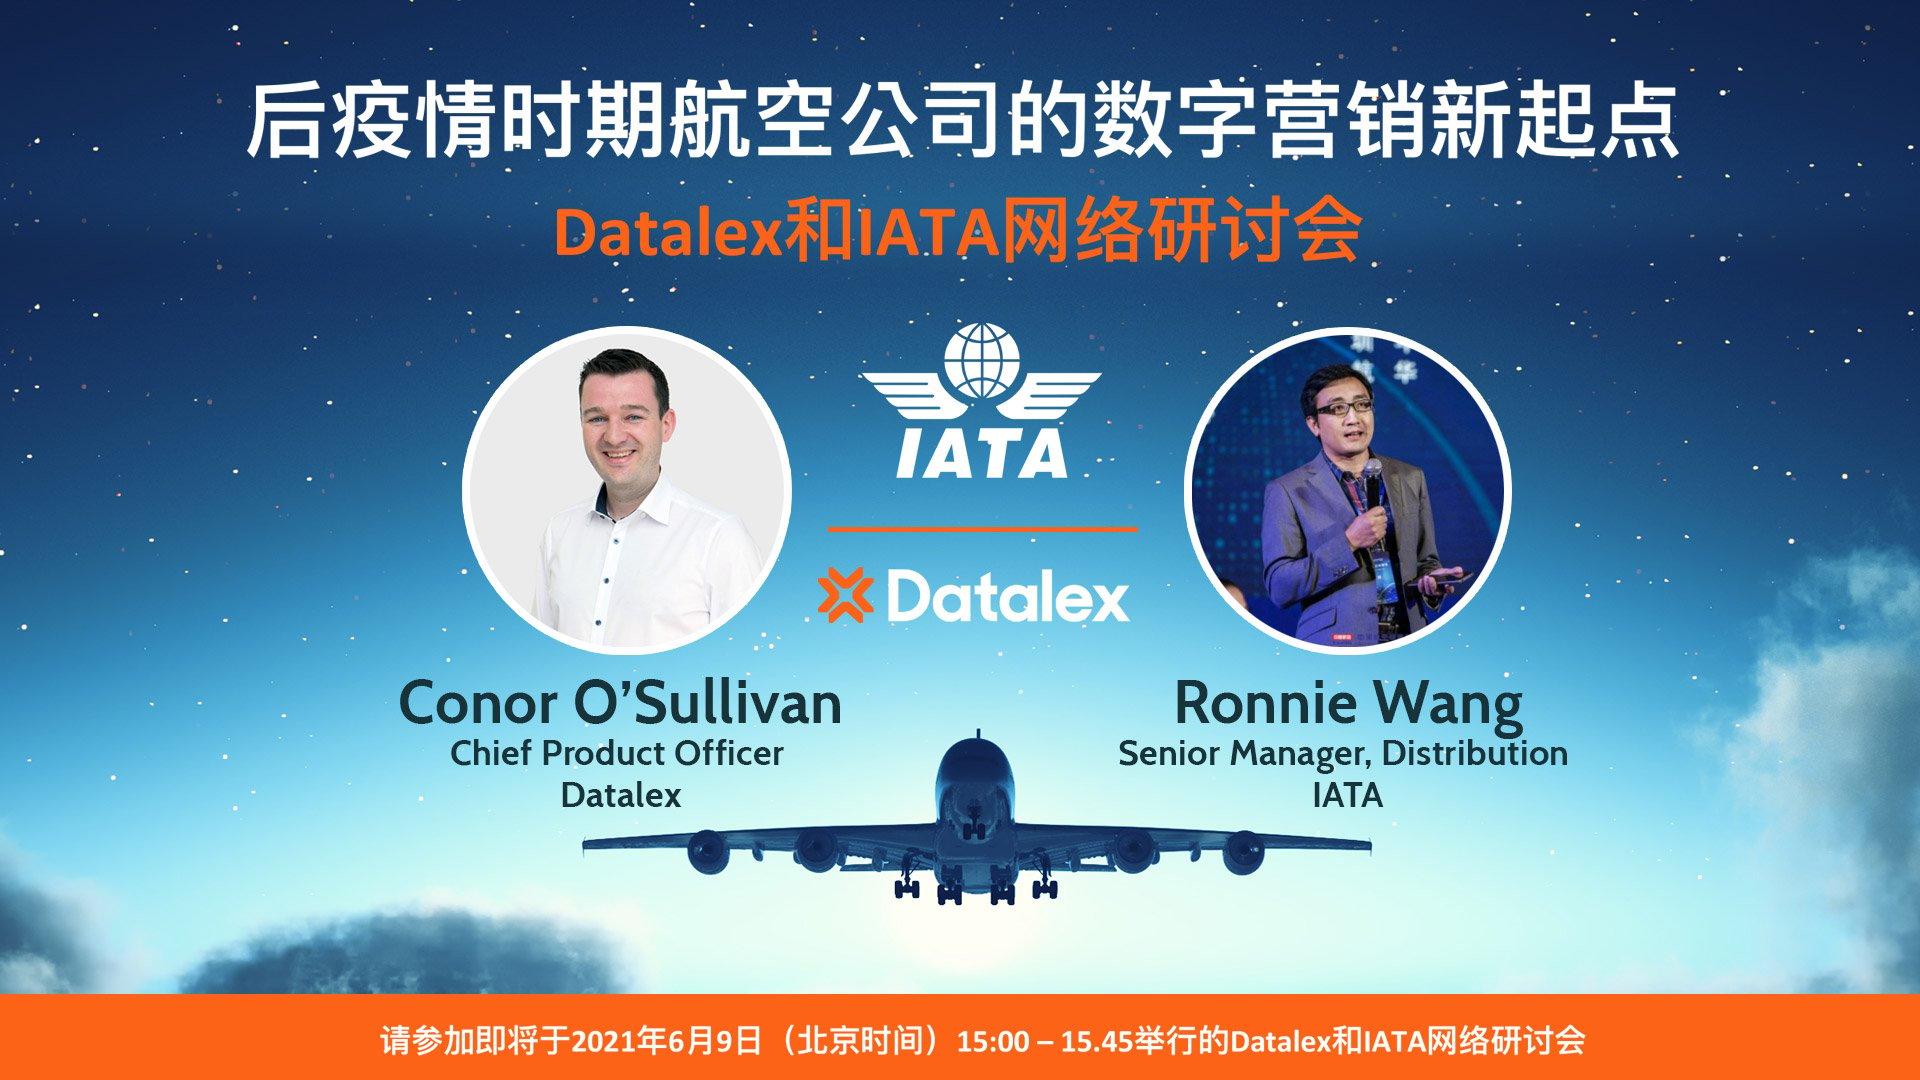 后疫情时期航空公司数字化零售的新时代 – Datalex和IATA网络研讨会